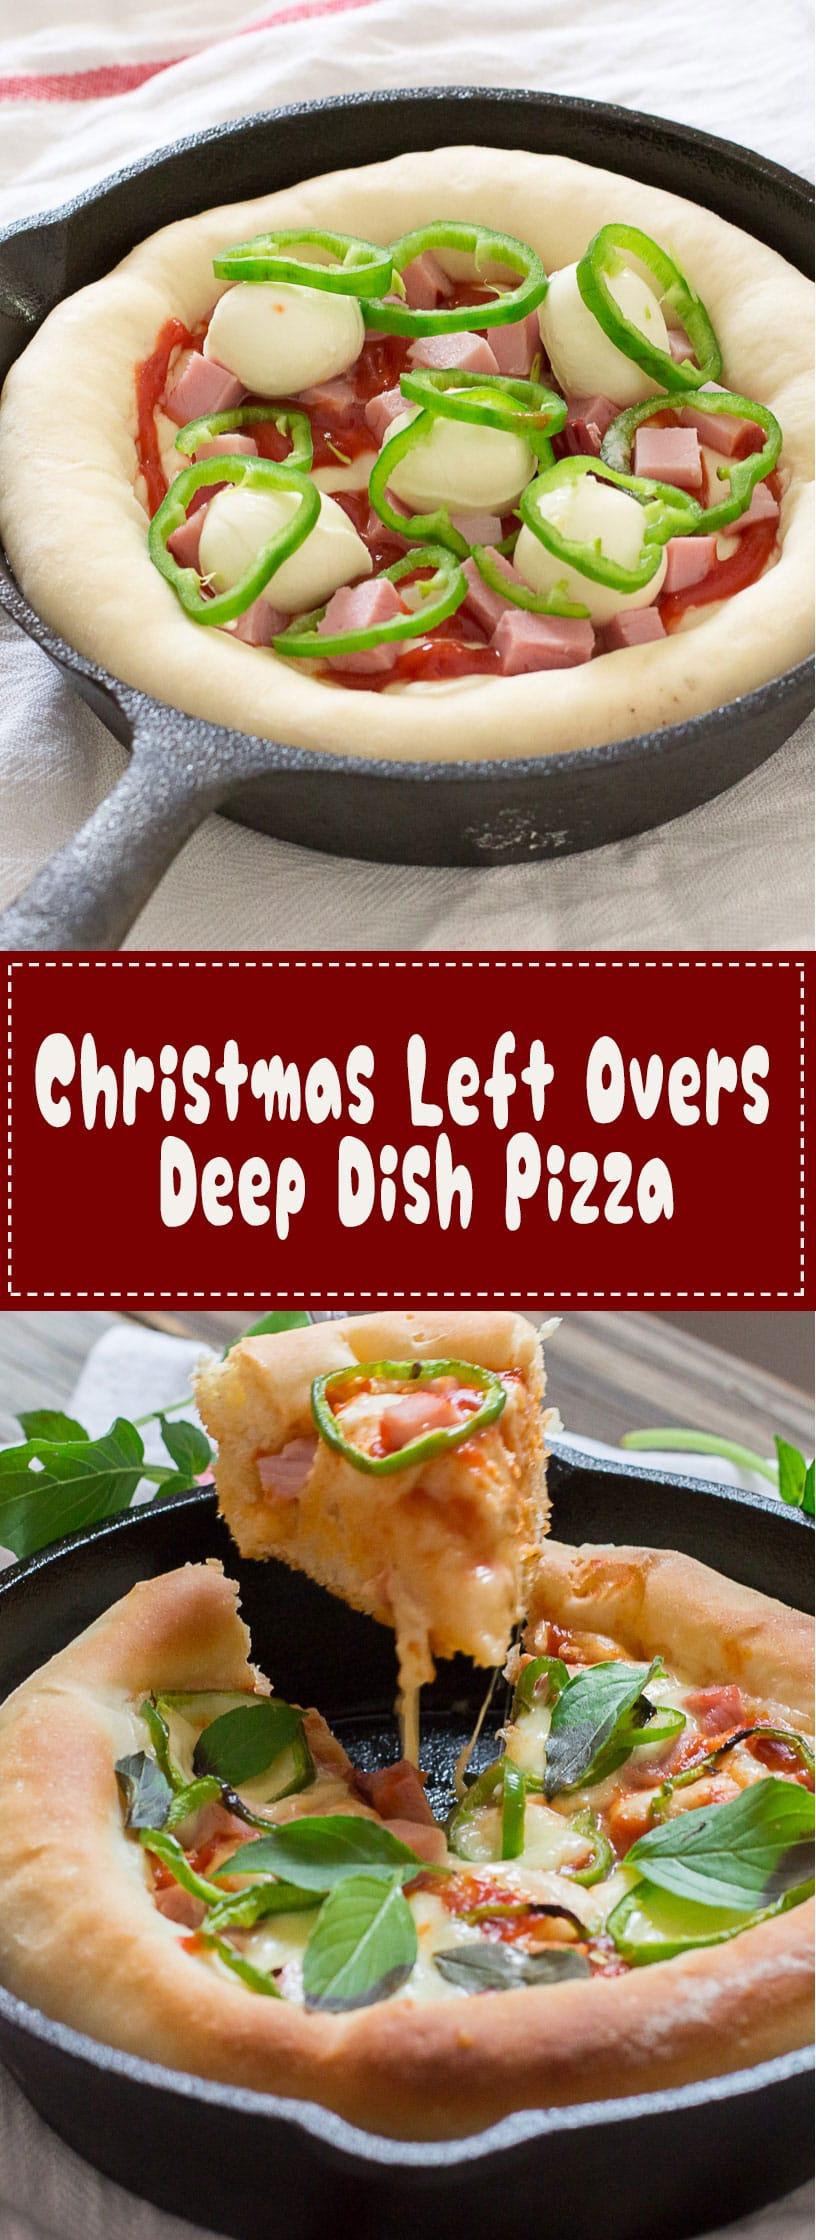 Christmas Left Overs Deep Dish Pizza